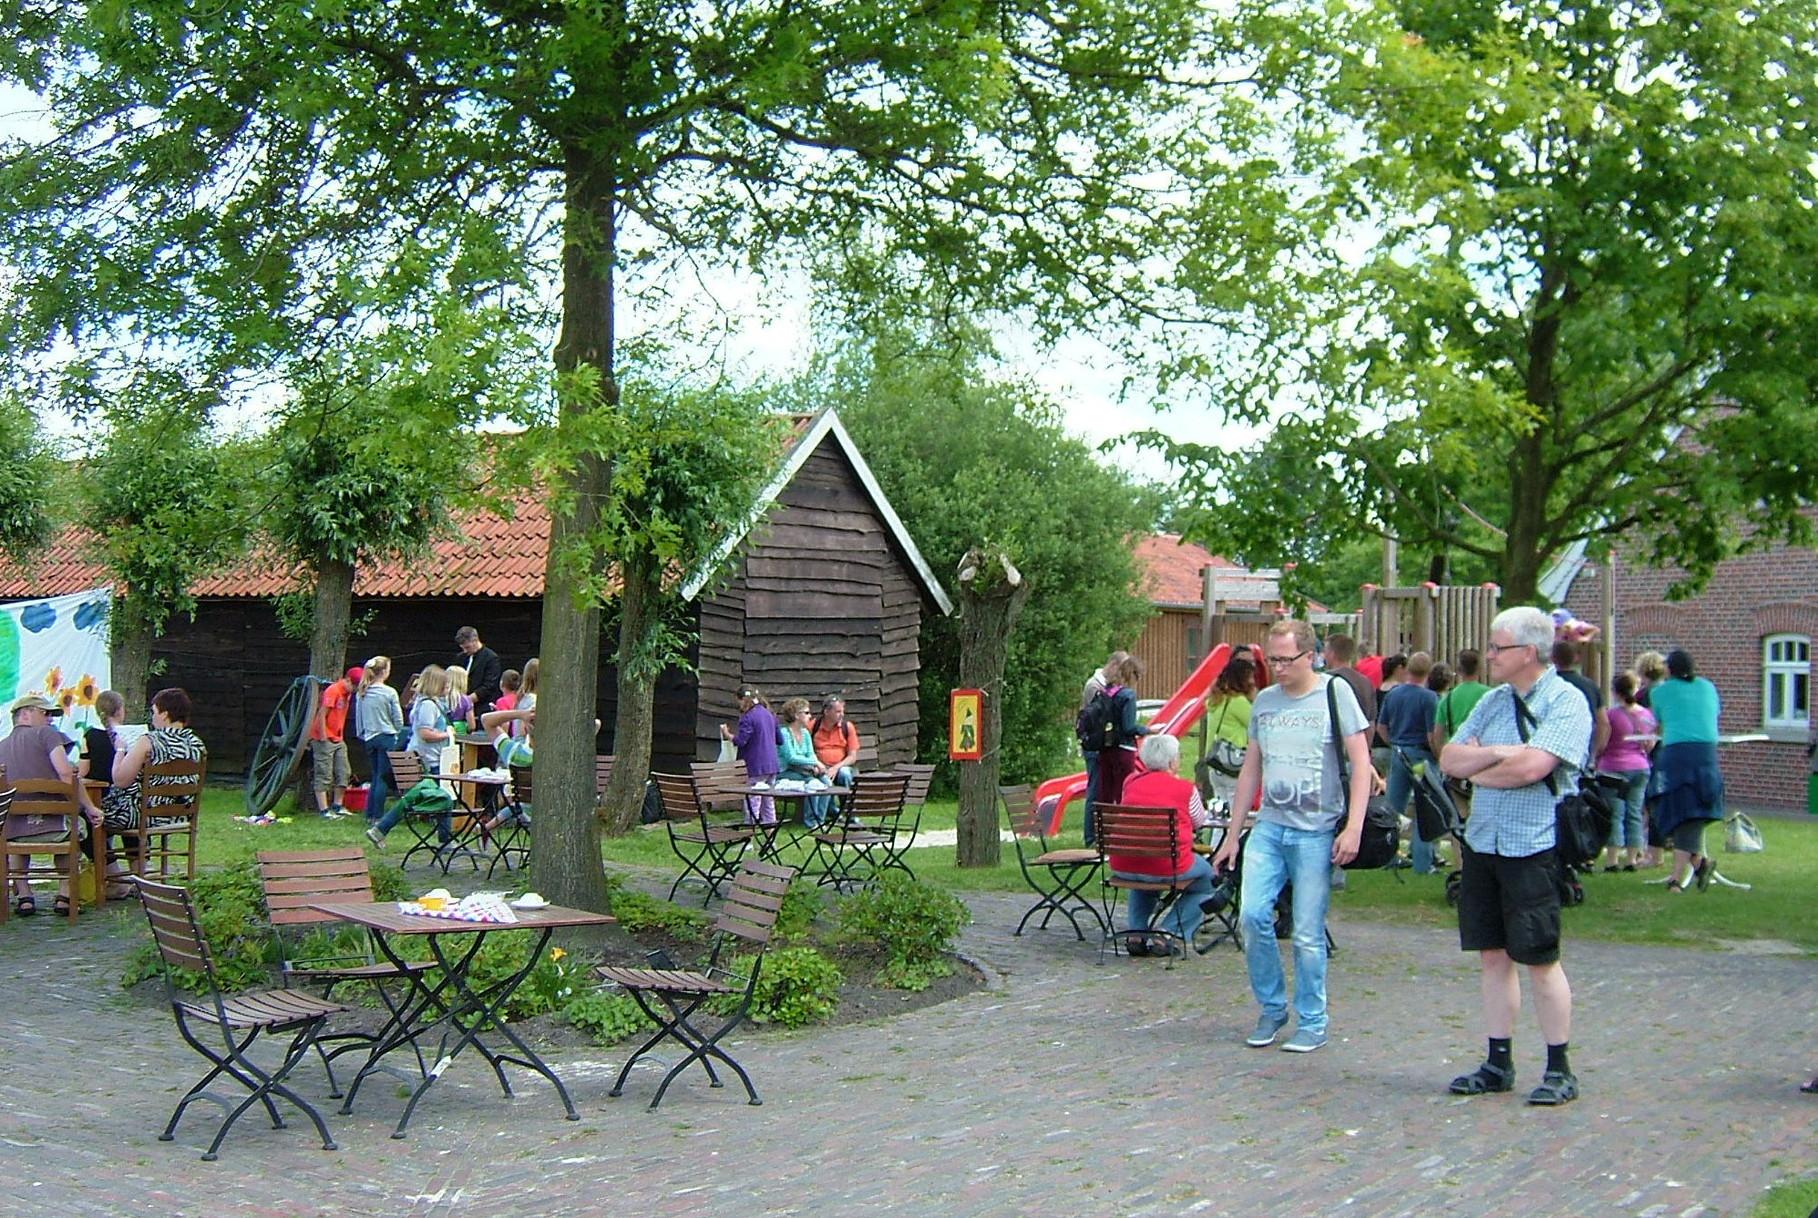 Tolle Atmosphäre im Torf- und Siedlungsmuseum Wiesmoor!